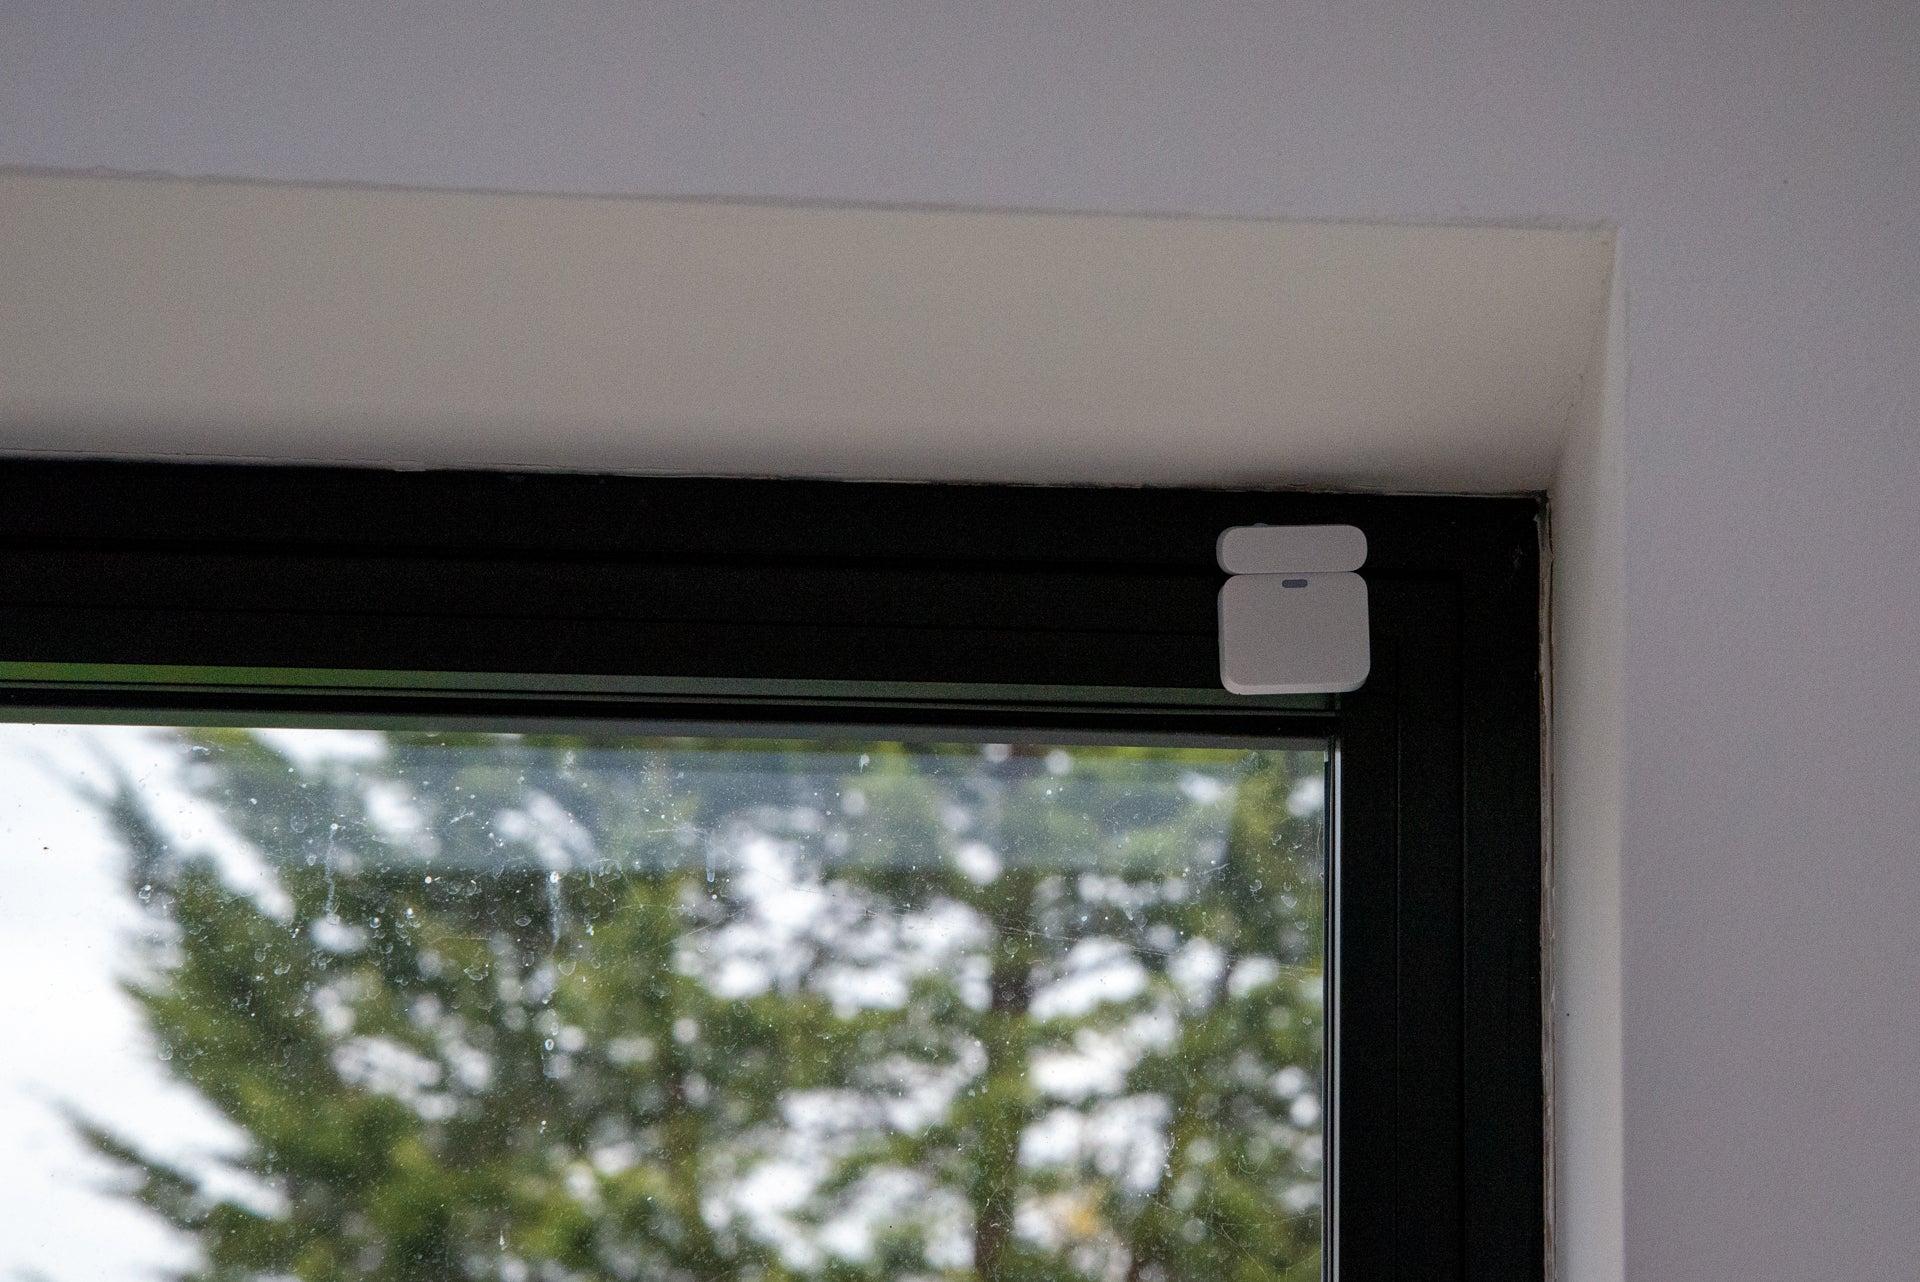 SimpliSafe contact sensor